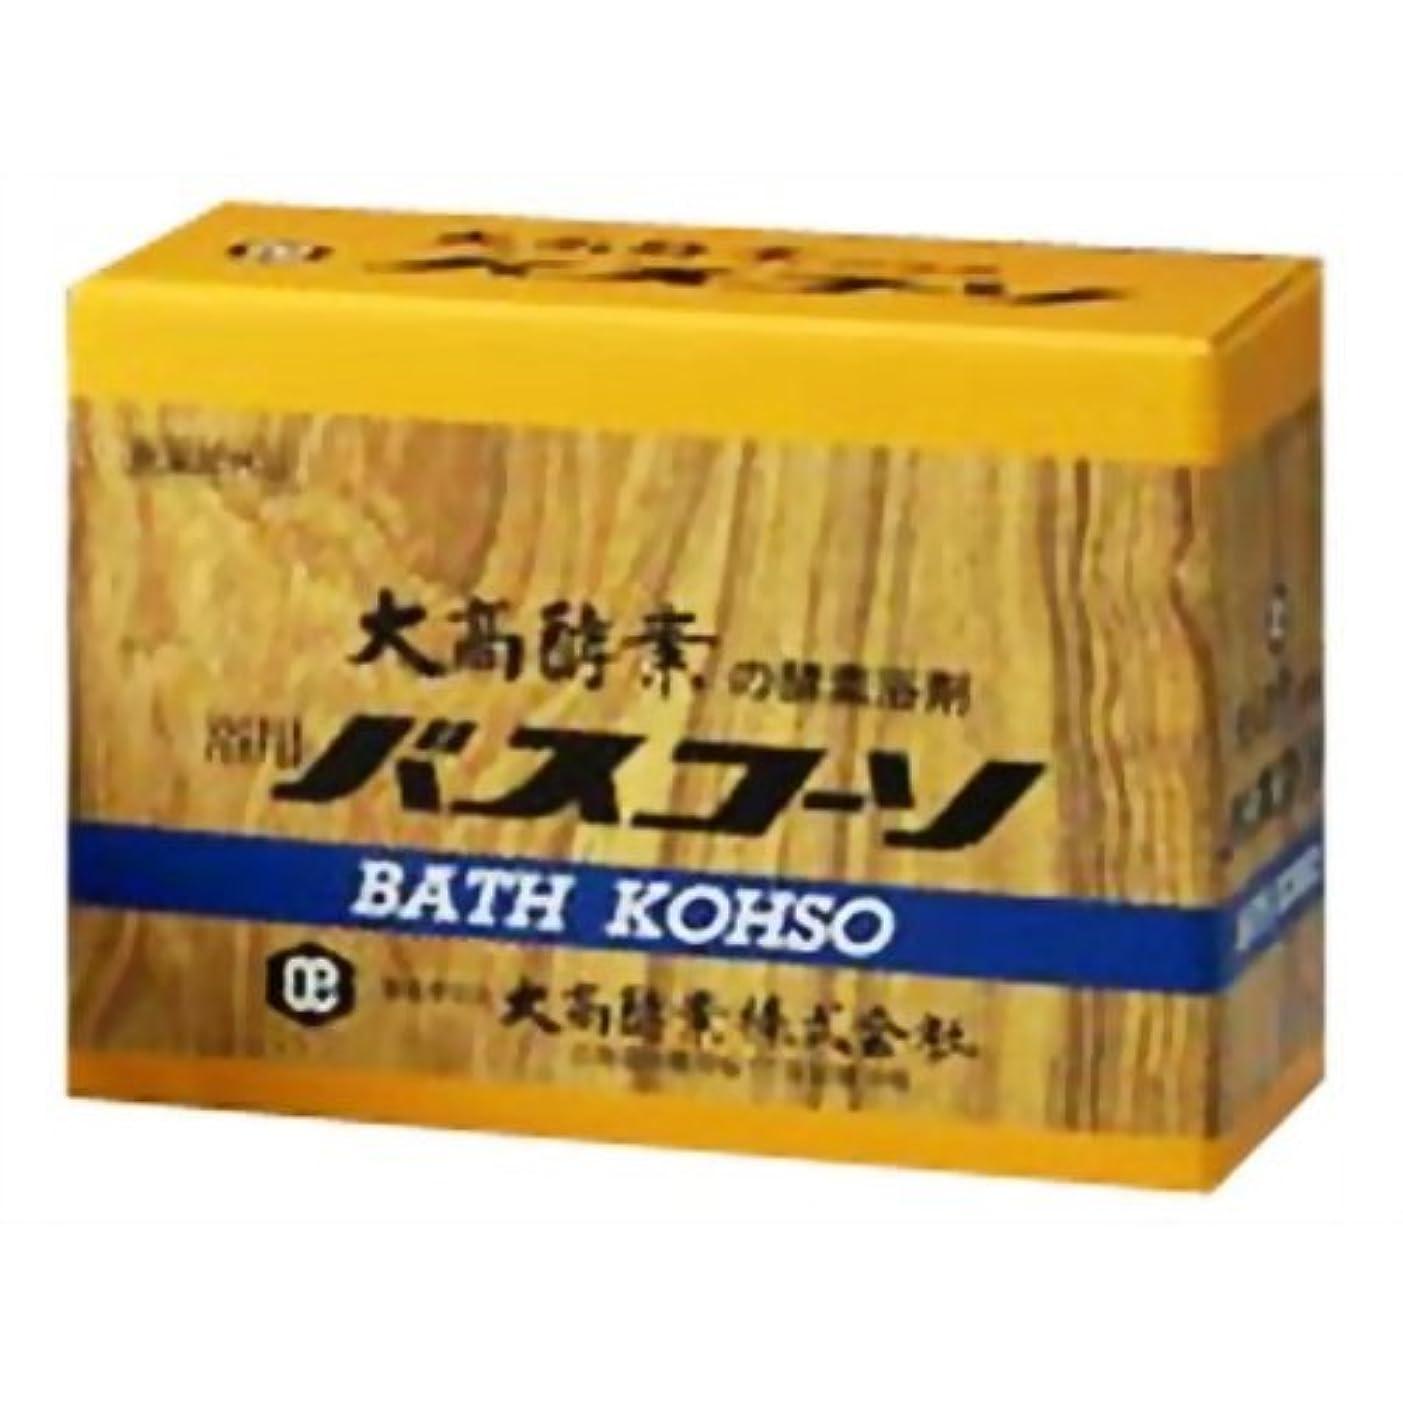 ゴミ割合方法大高酵素 浴用バスコーソ 100gx6